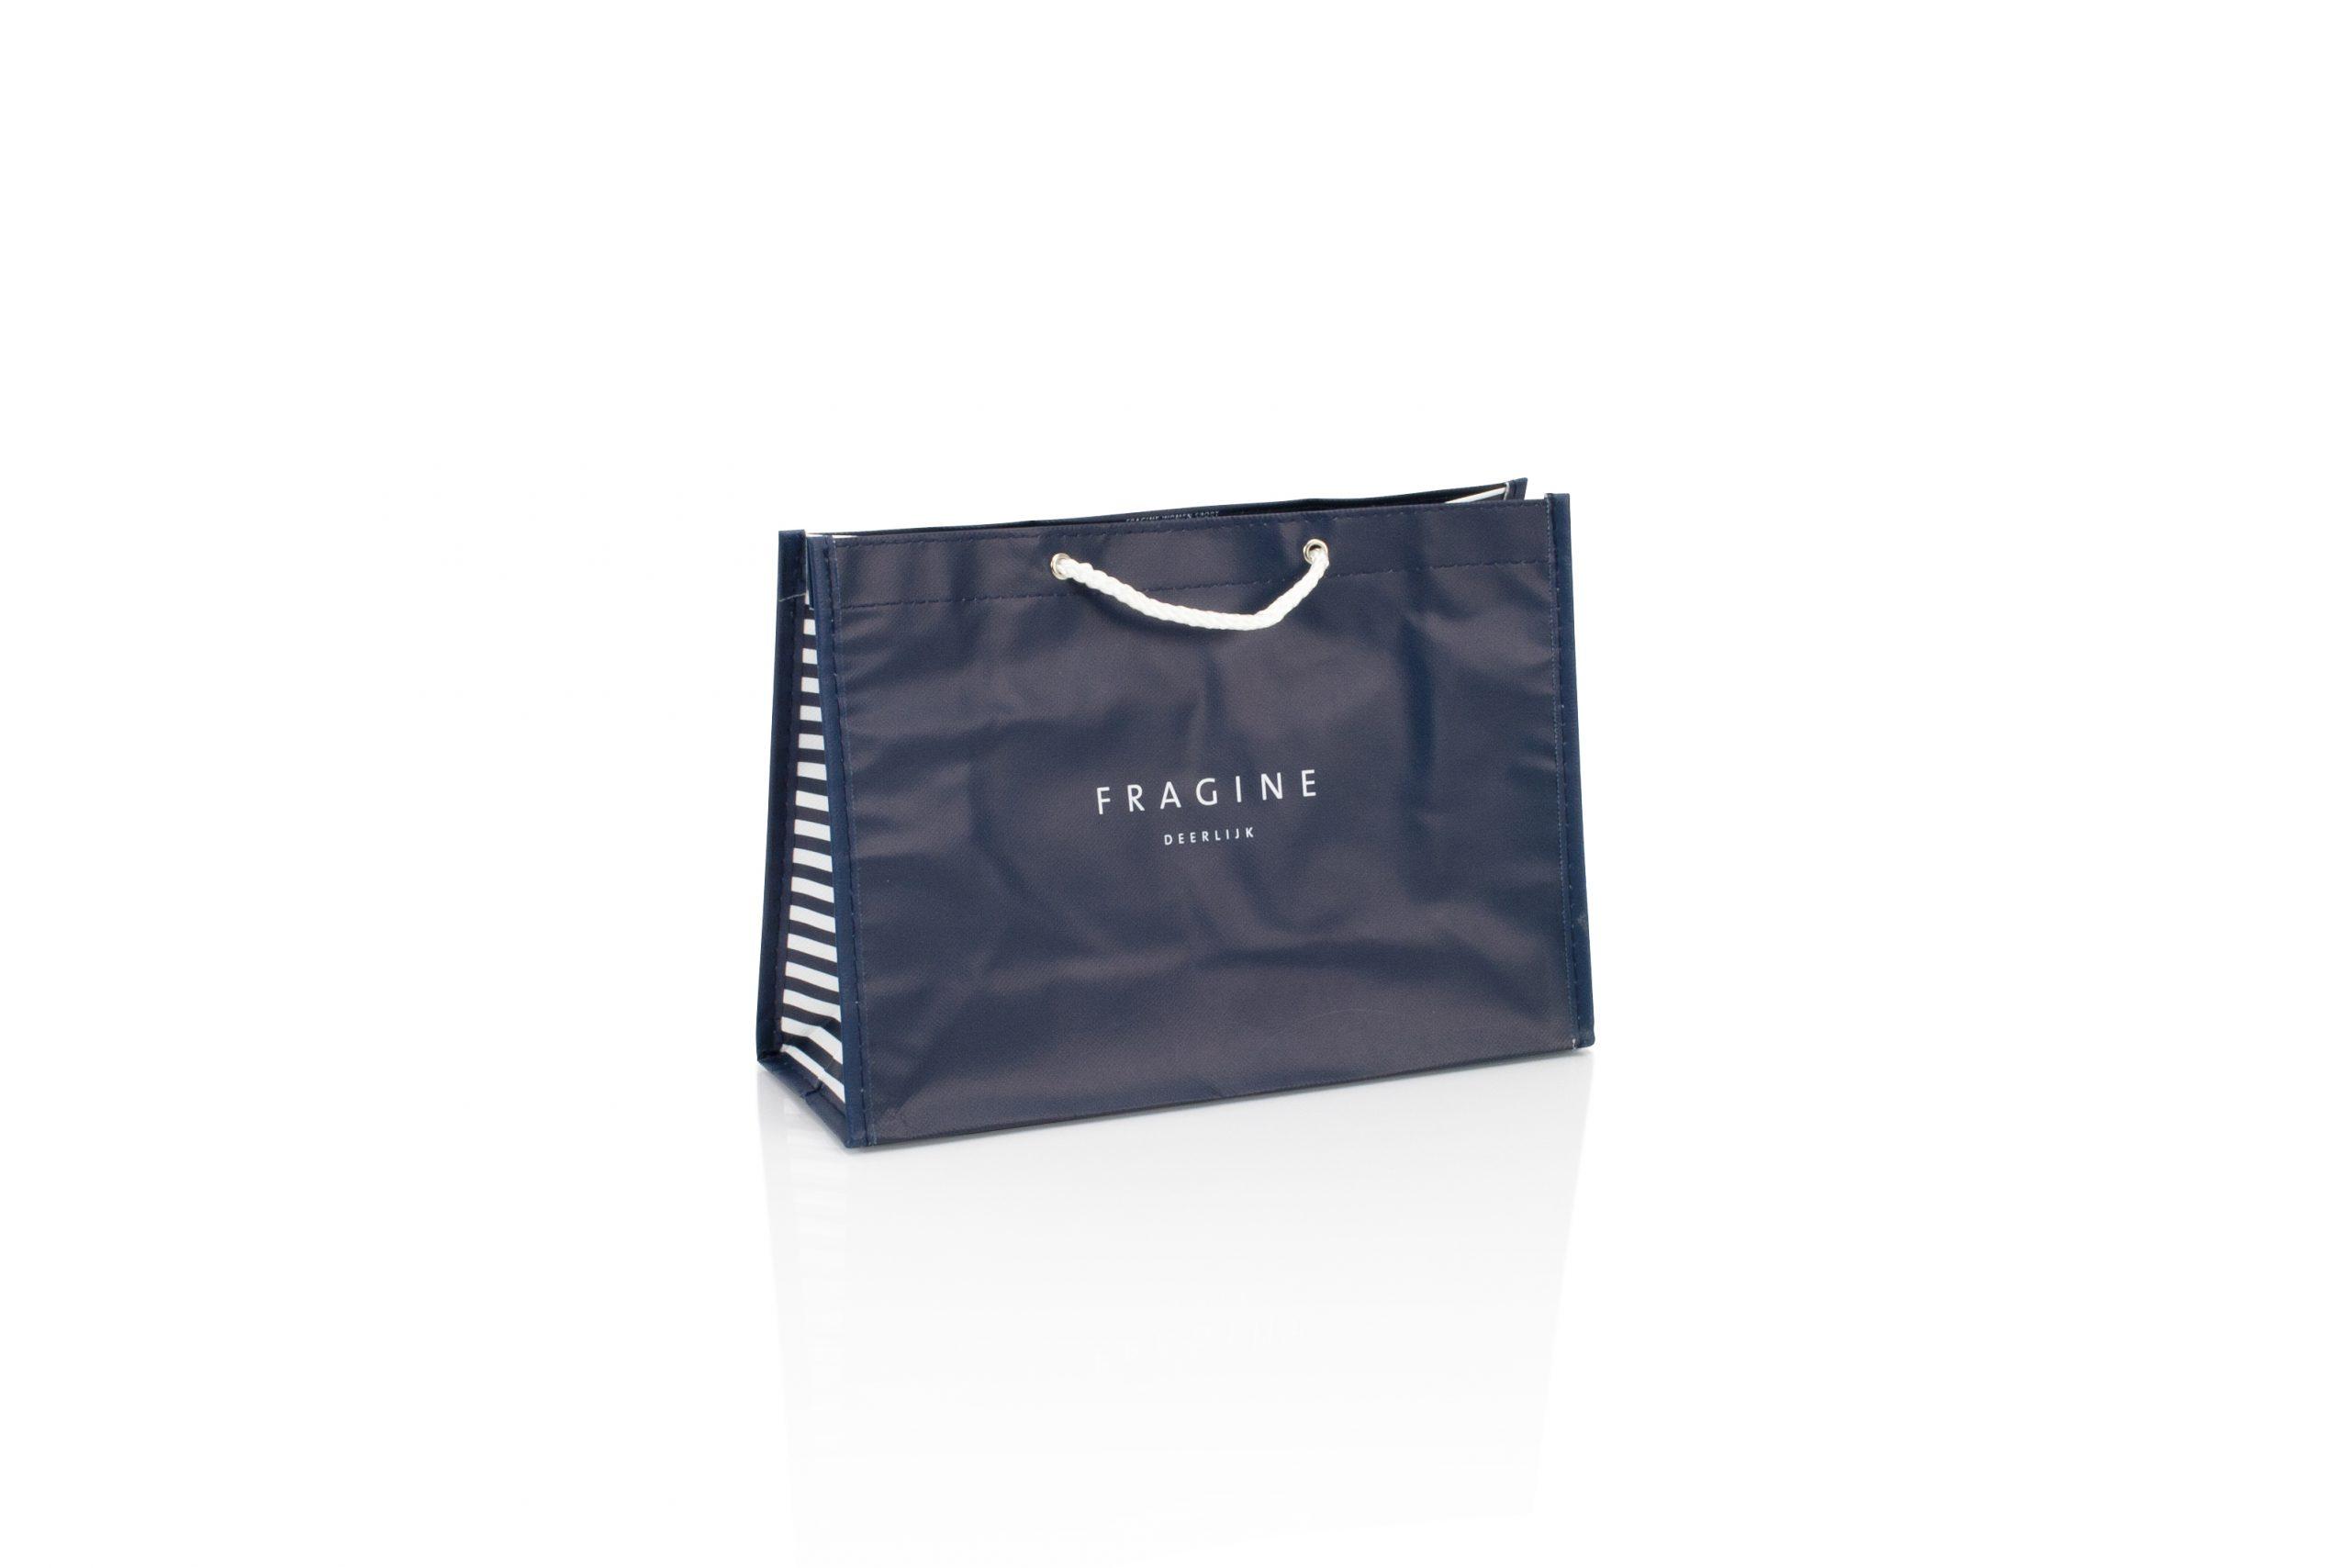 Herbruikbare zakken in non woven materiaal met logo